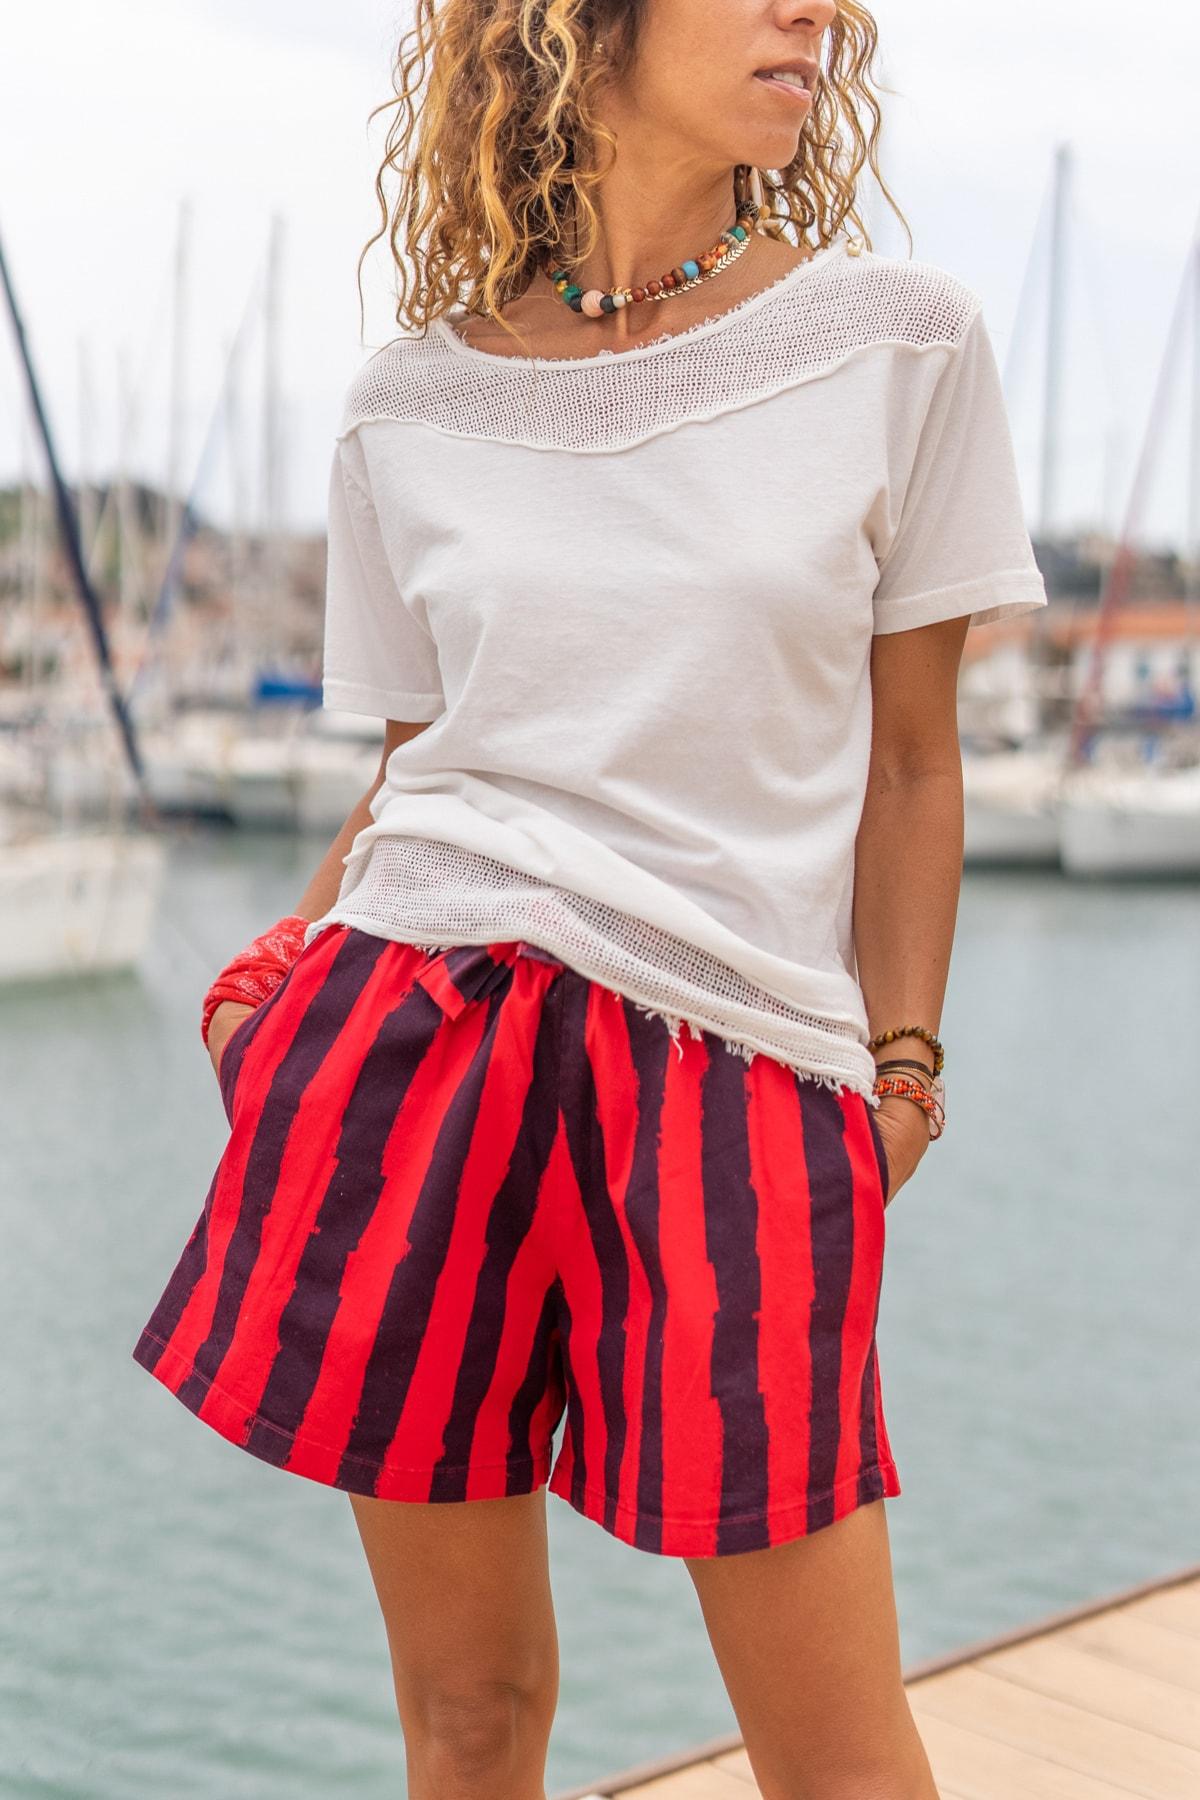 Güneşkızı Kadın Ekru Yıkamalı Eteği Ve Omzu Fileli Yumuşak Dokulu Salaş T-Shirt GK-RSD2063